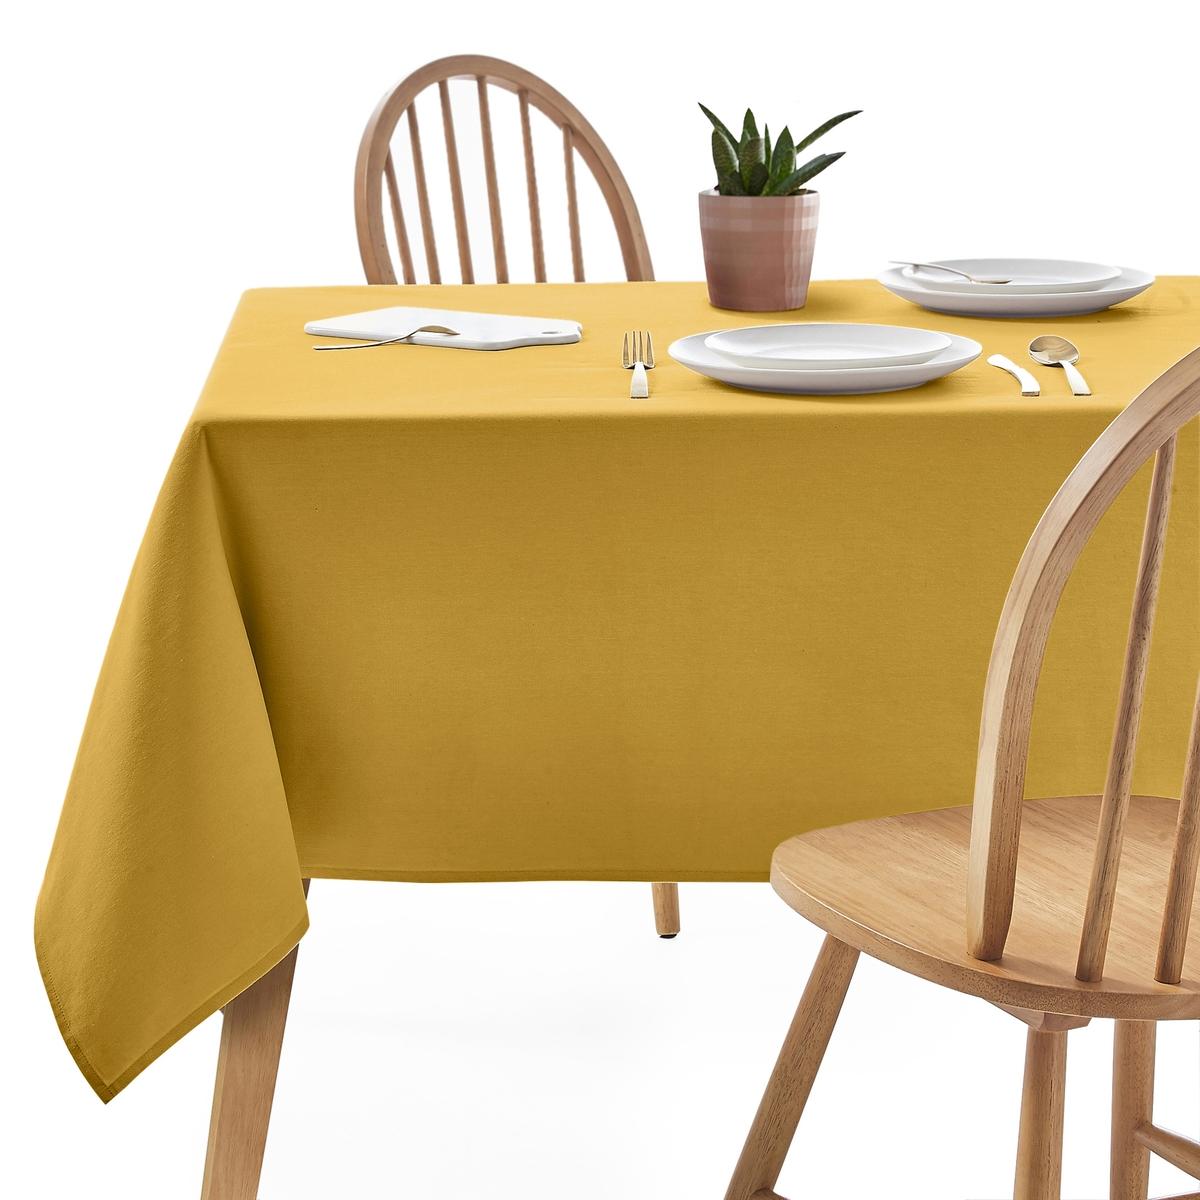 Фото - Скатерть LaRedoute Из хлопка с пропиткой против пятен SCENARIO 150 x 200 см желтый скатерть laredoute с принтом и пропиткой 100 хлопок irun 150 x 250 см желтый